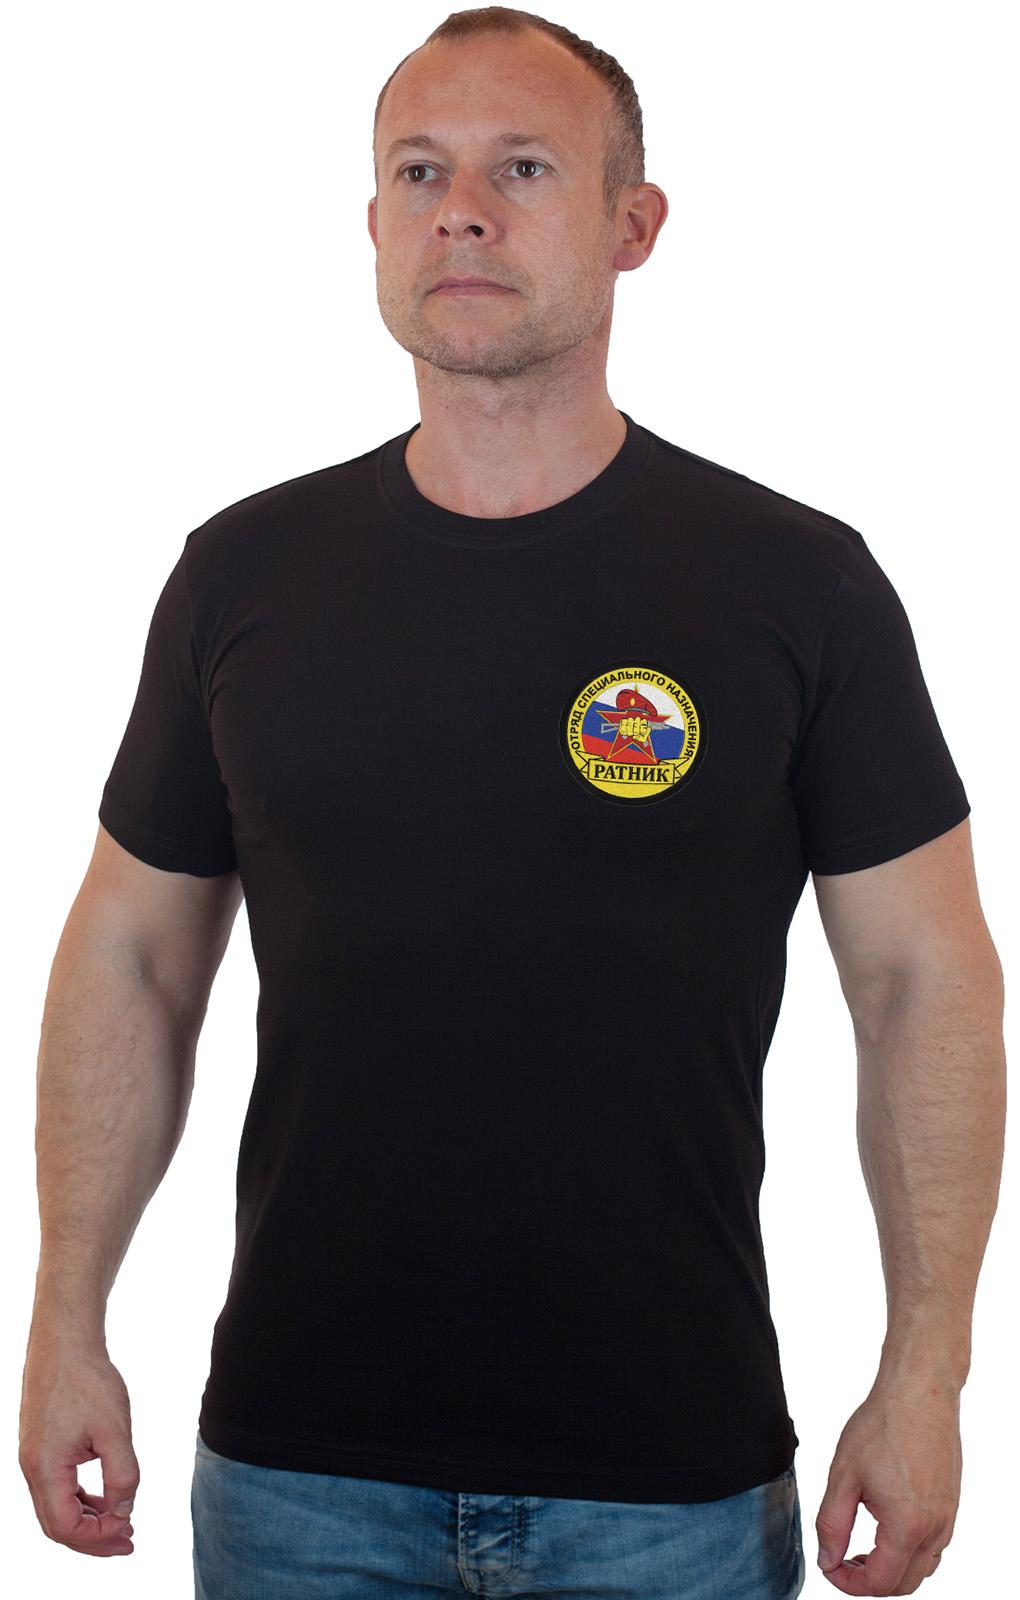 Футболка черная с вышитым шевроном ОСН Ратник - заказать оптом